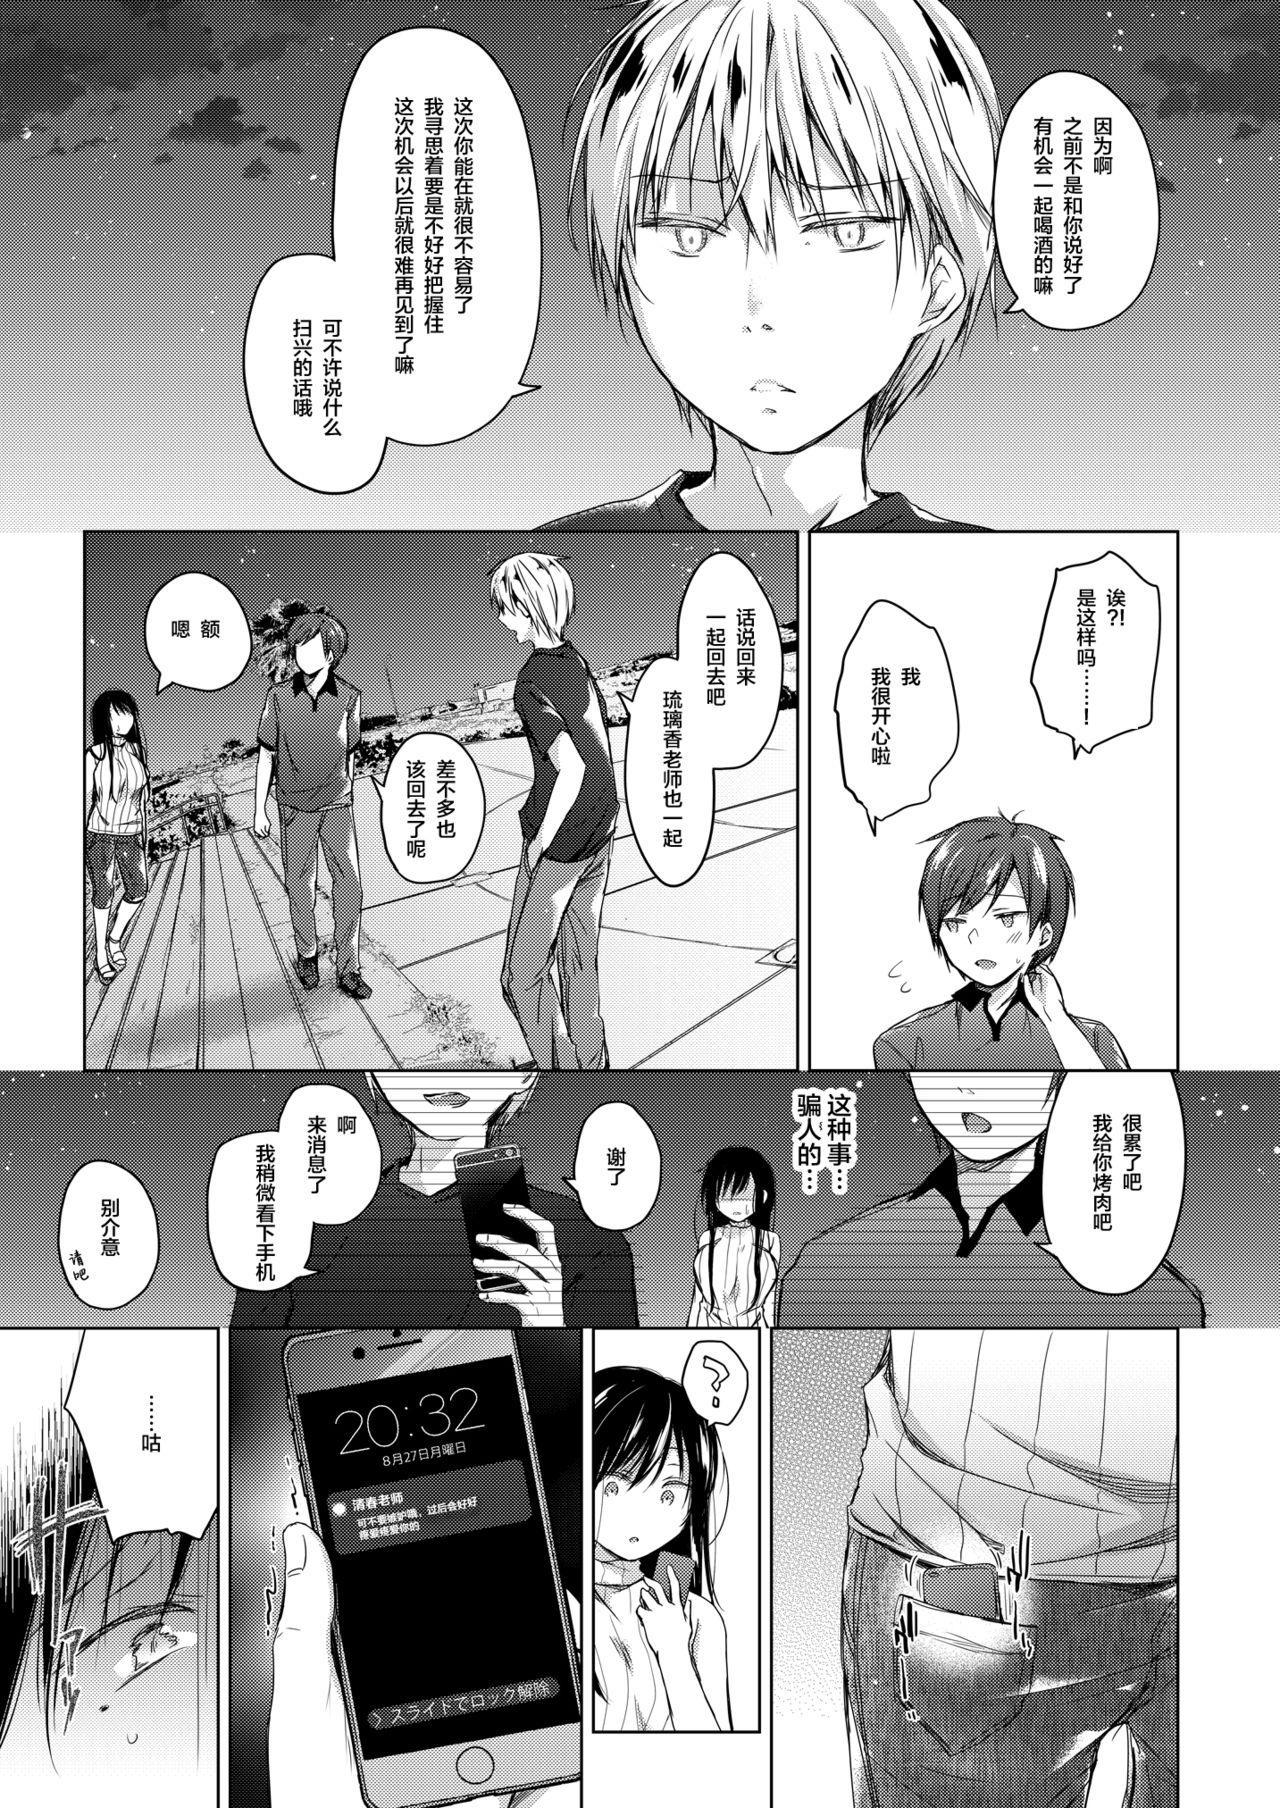 Ero Doujin Sakka no Boku no Kanojo wa Uwaki nante Shinai. 3 - She will never let me down. 18